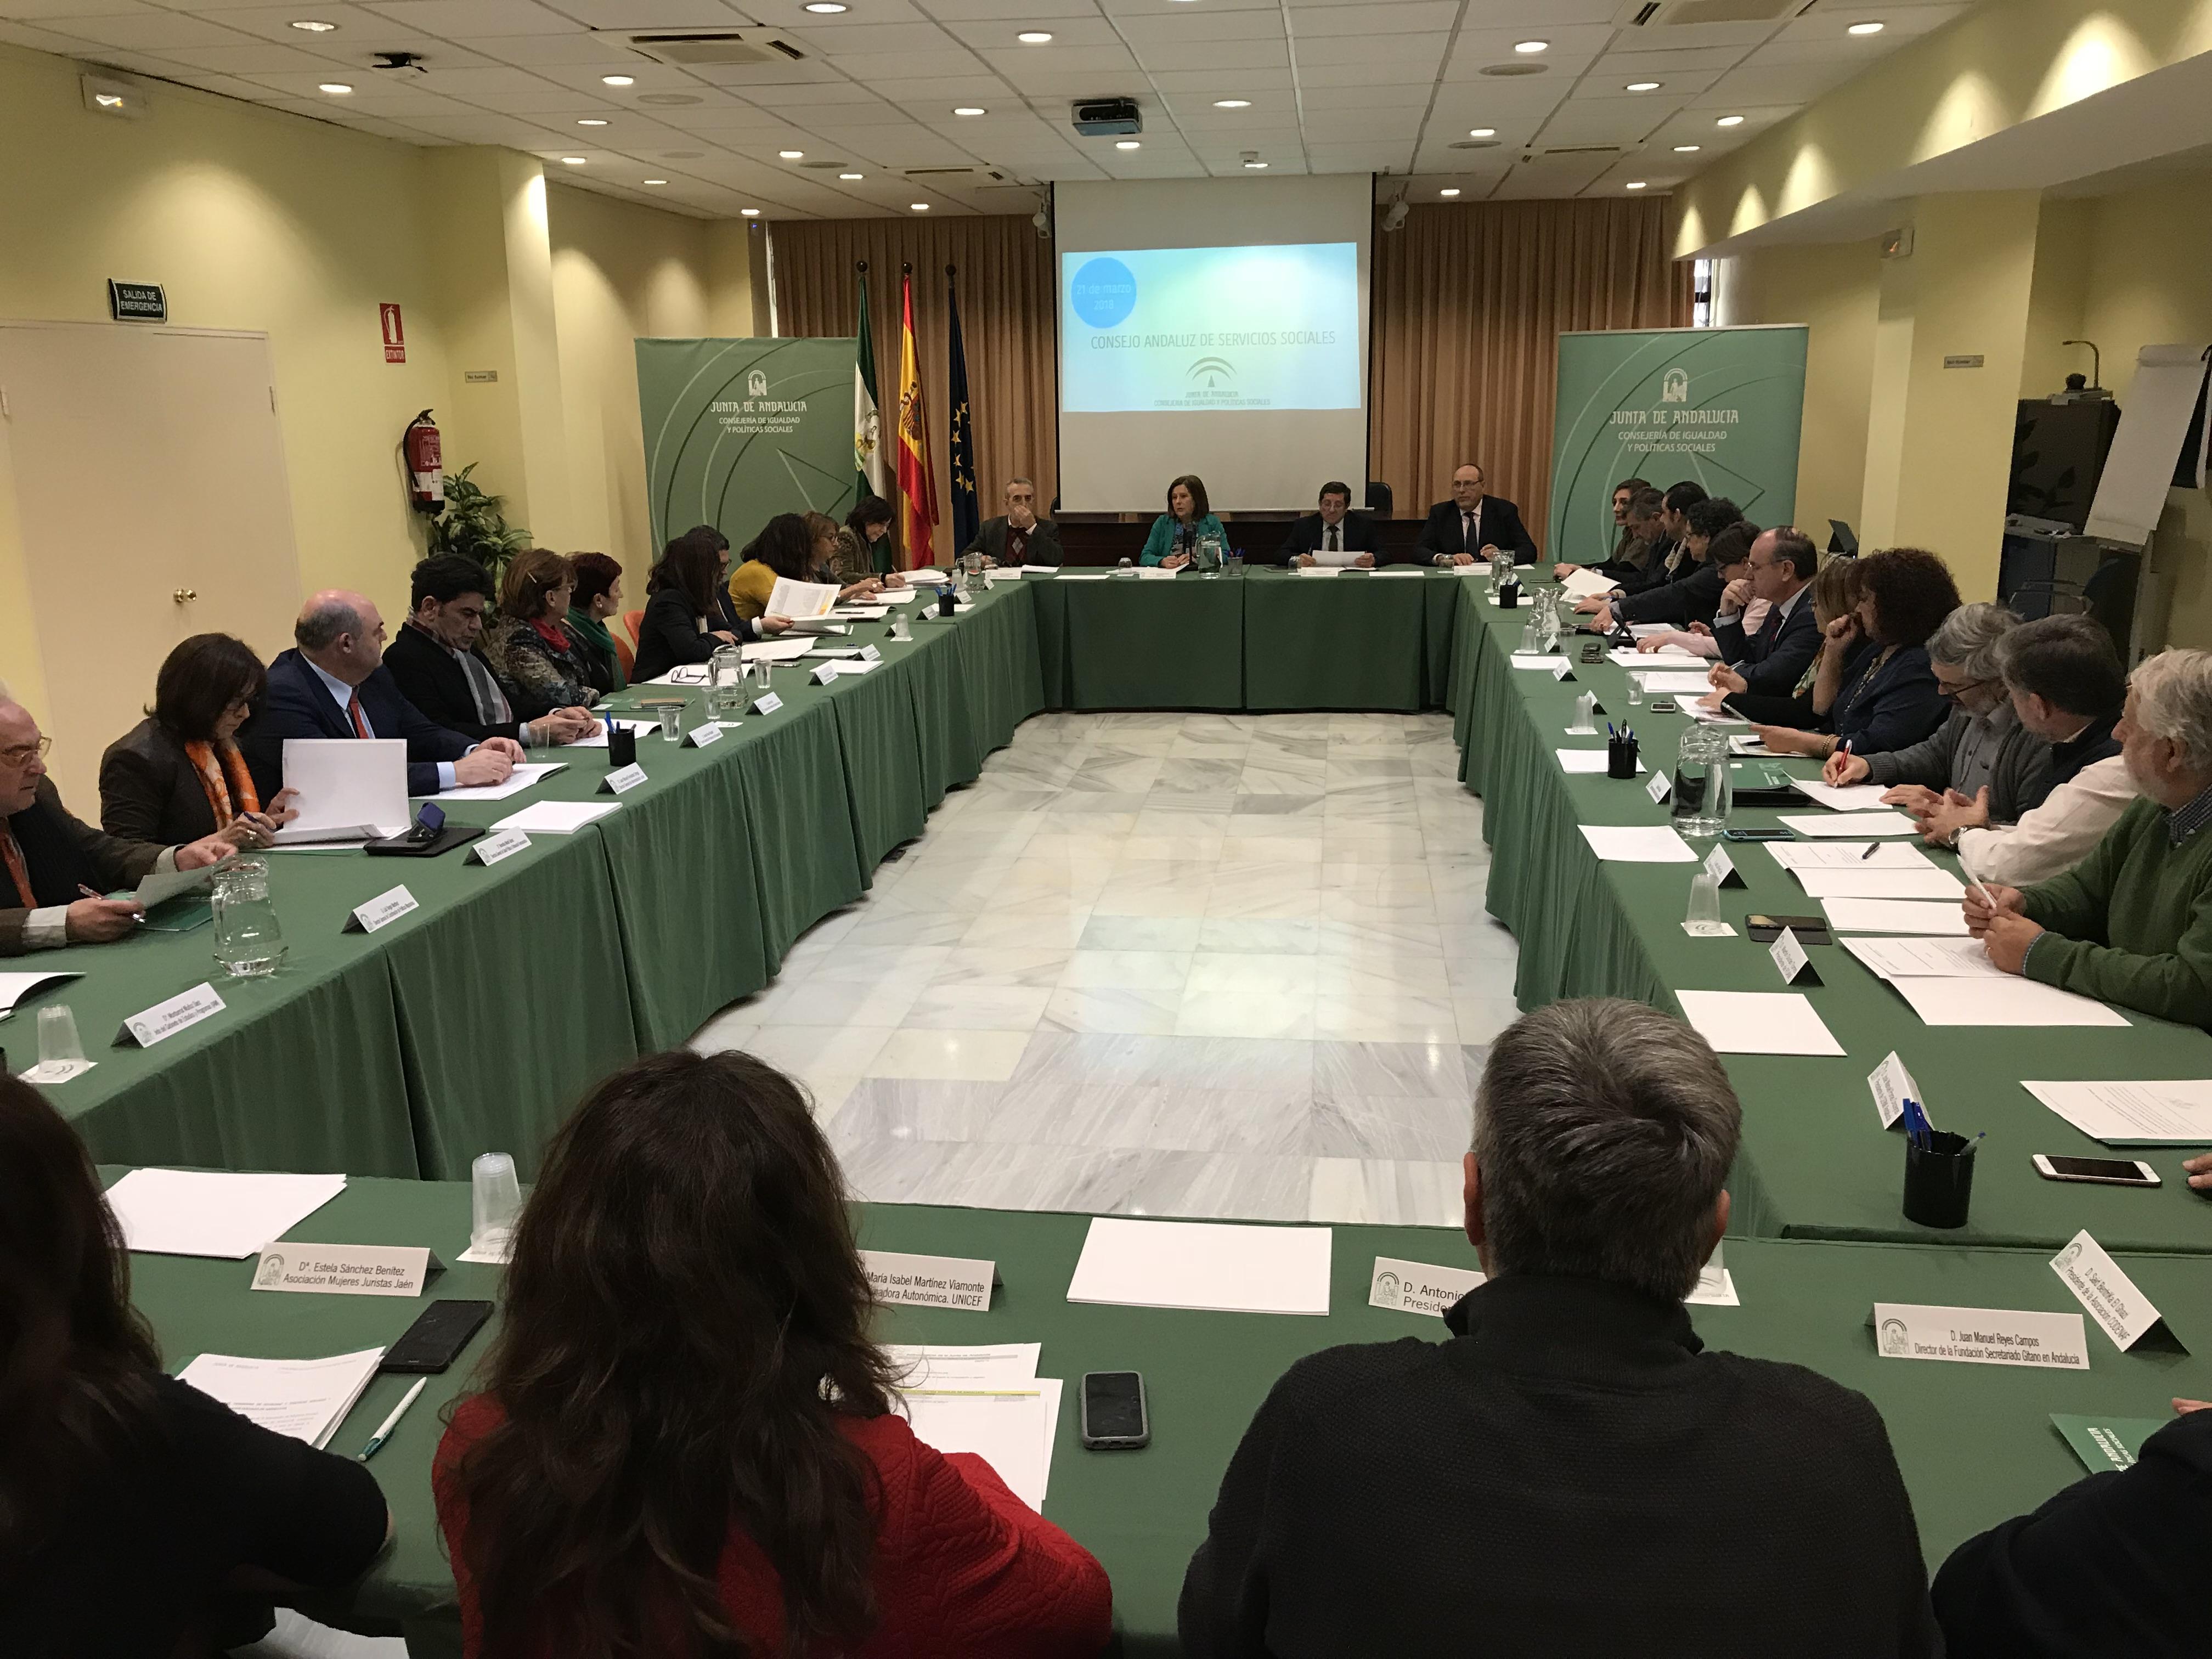 La Junta continúa el desarrollo de la ley con la constitución del Consejo Andaluz de los Servicios Sociales